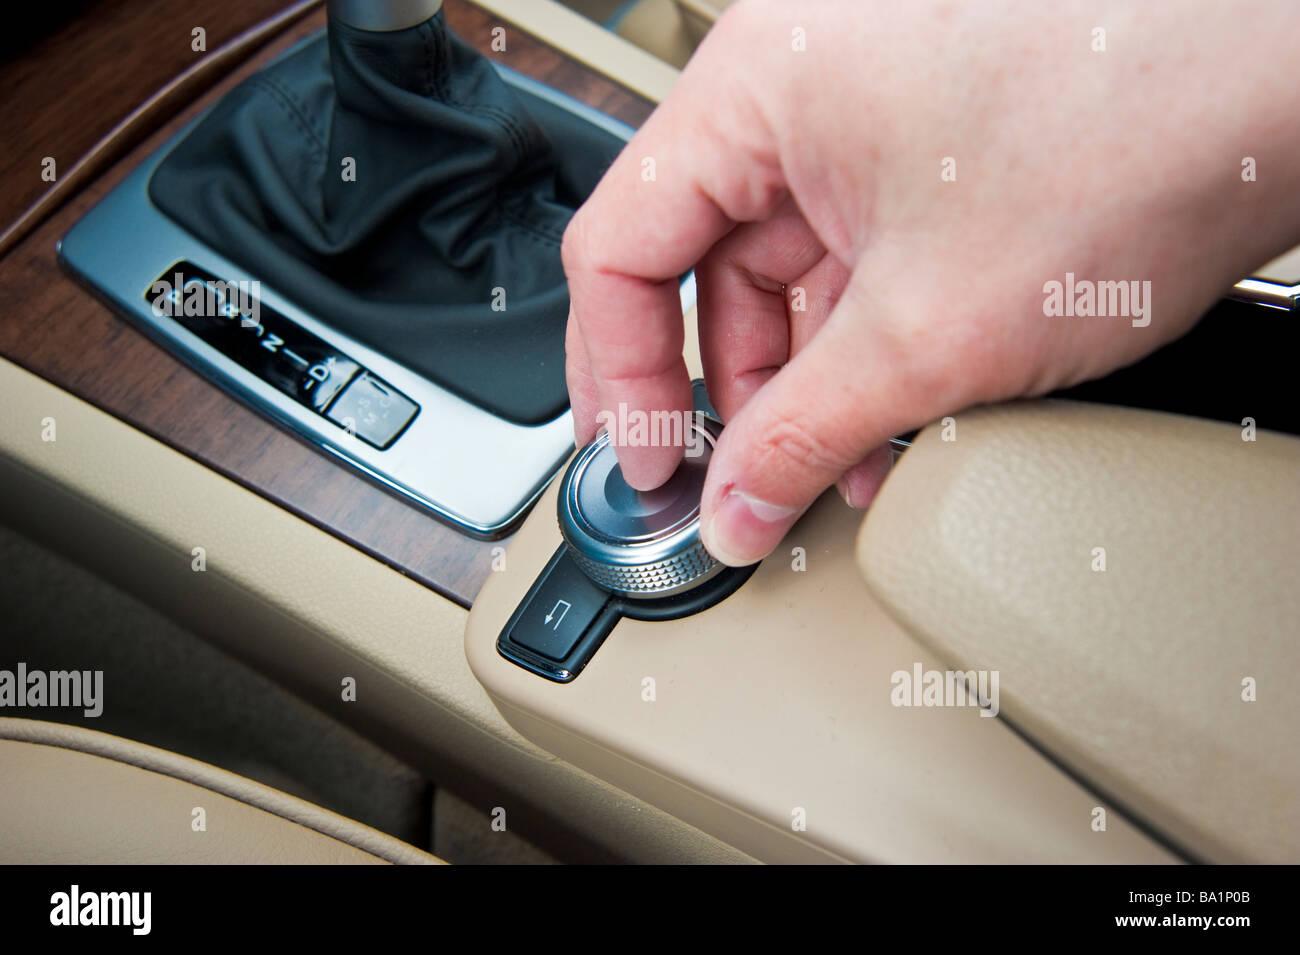 Betrieb der Steuertaste im Mercedes GLK Auto | Bedienung Eines Knopfes Im Auto Mercedes GLK Stockbild